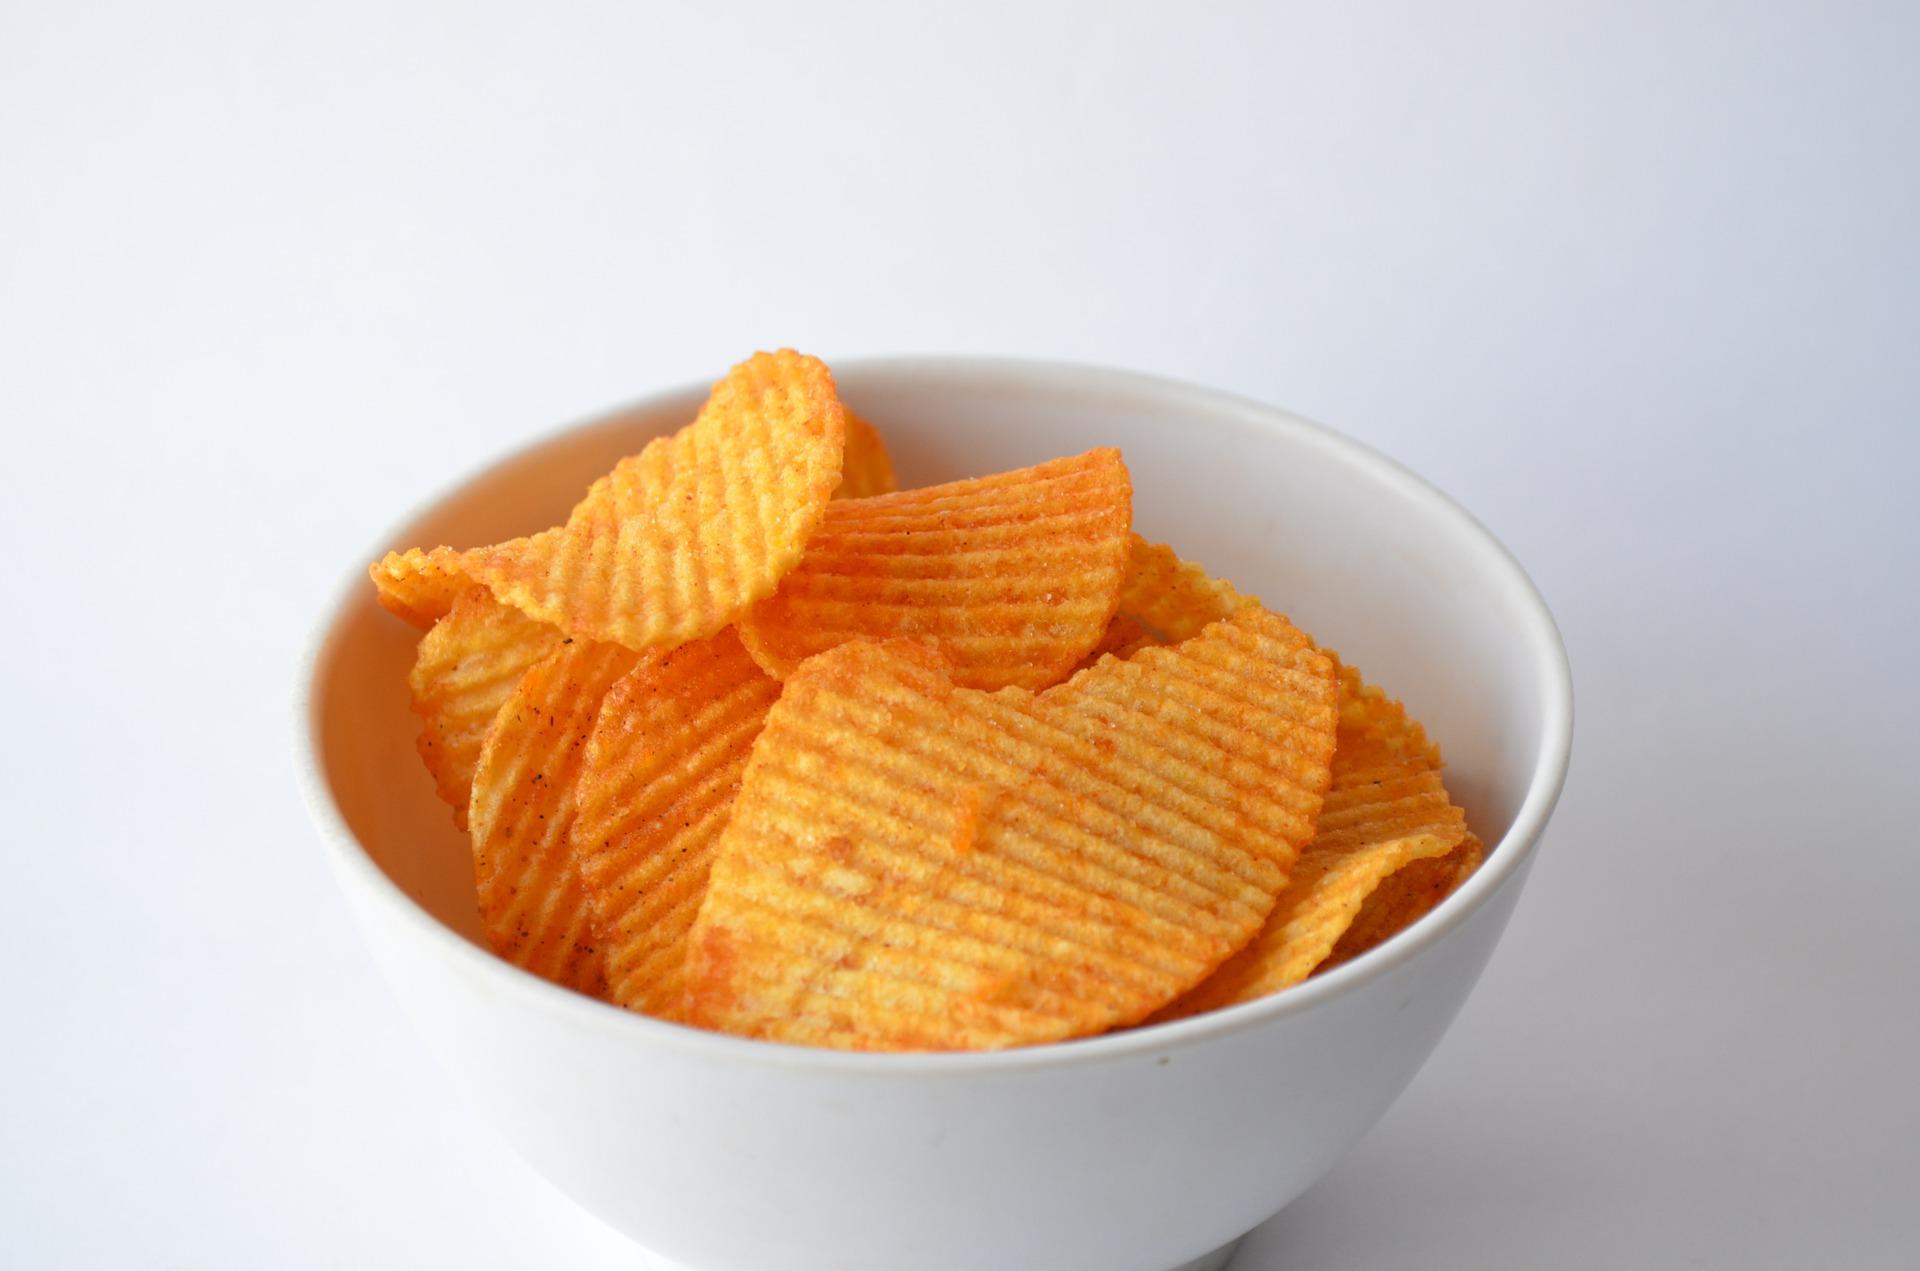 potato-chips-390295_1920